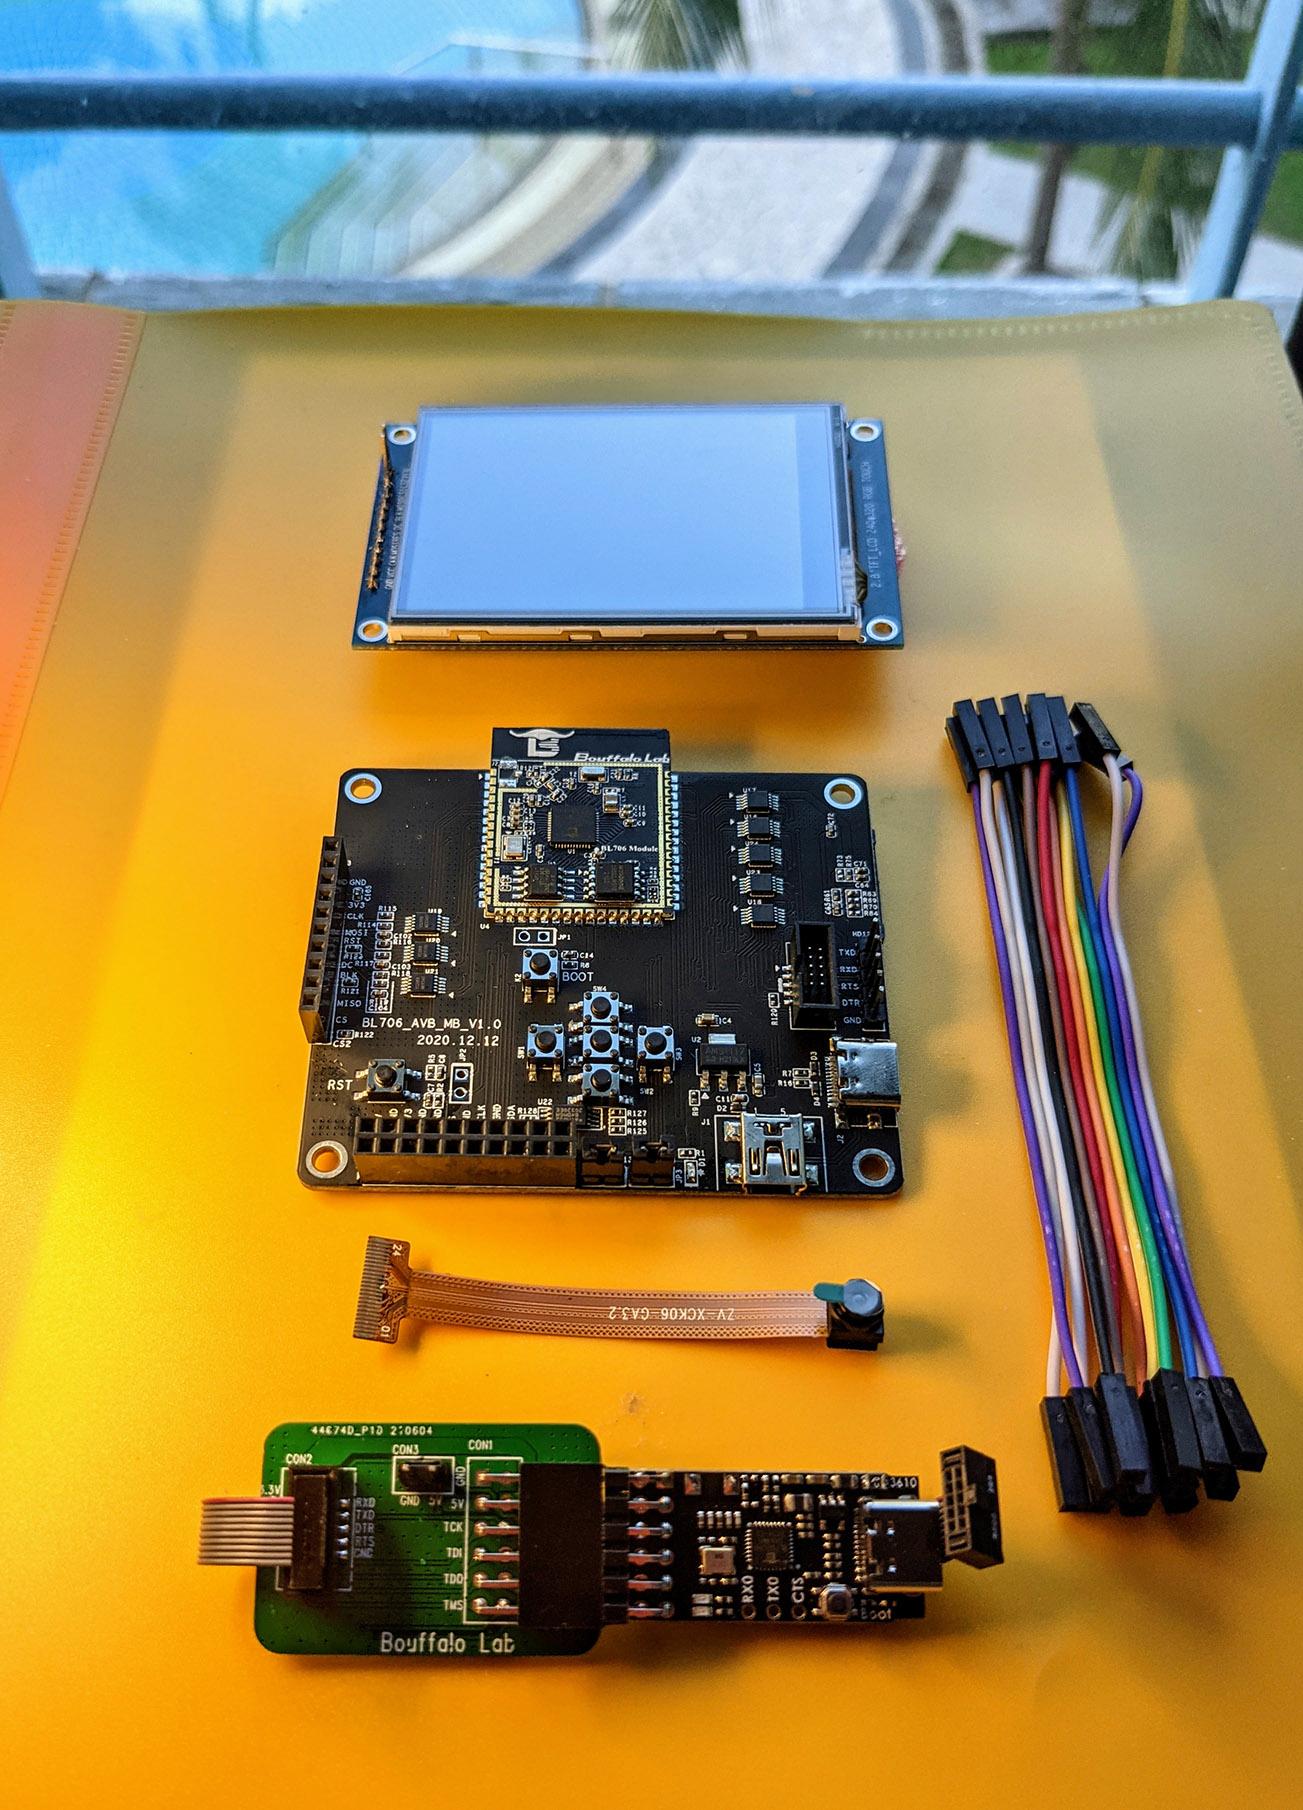 BL706 Audio Video Board